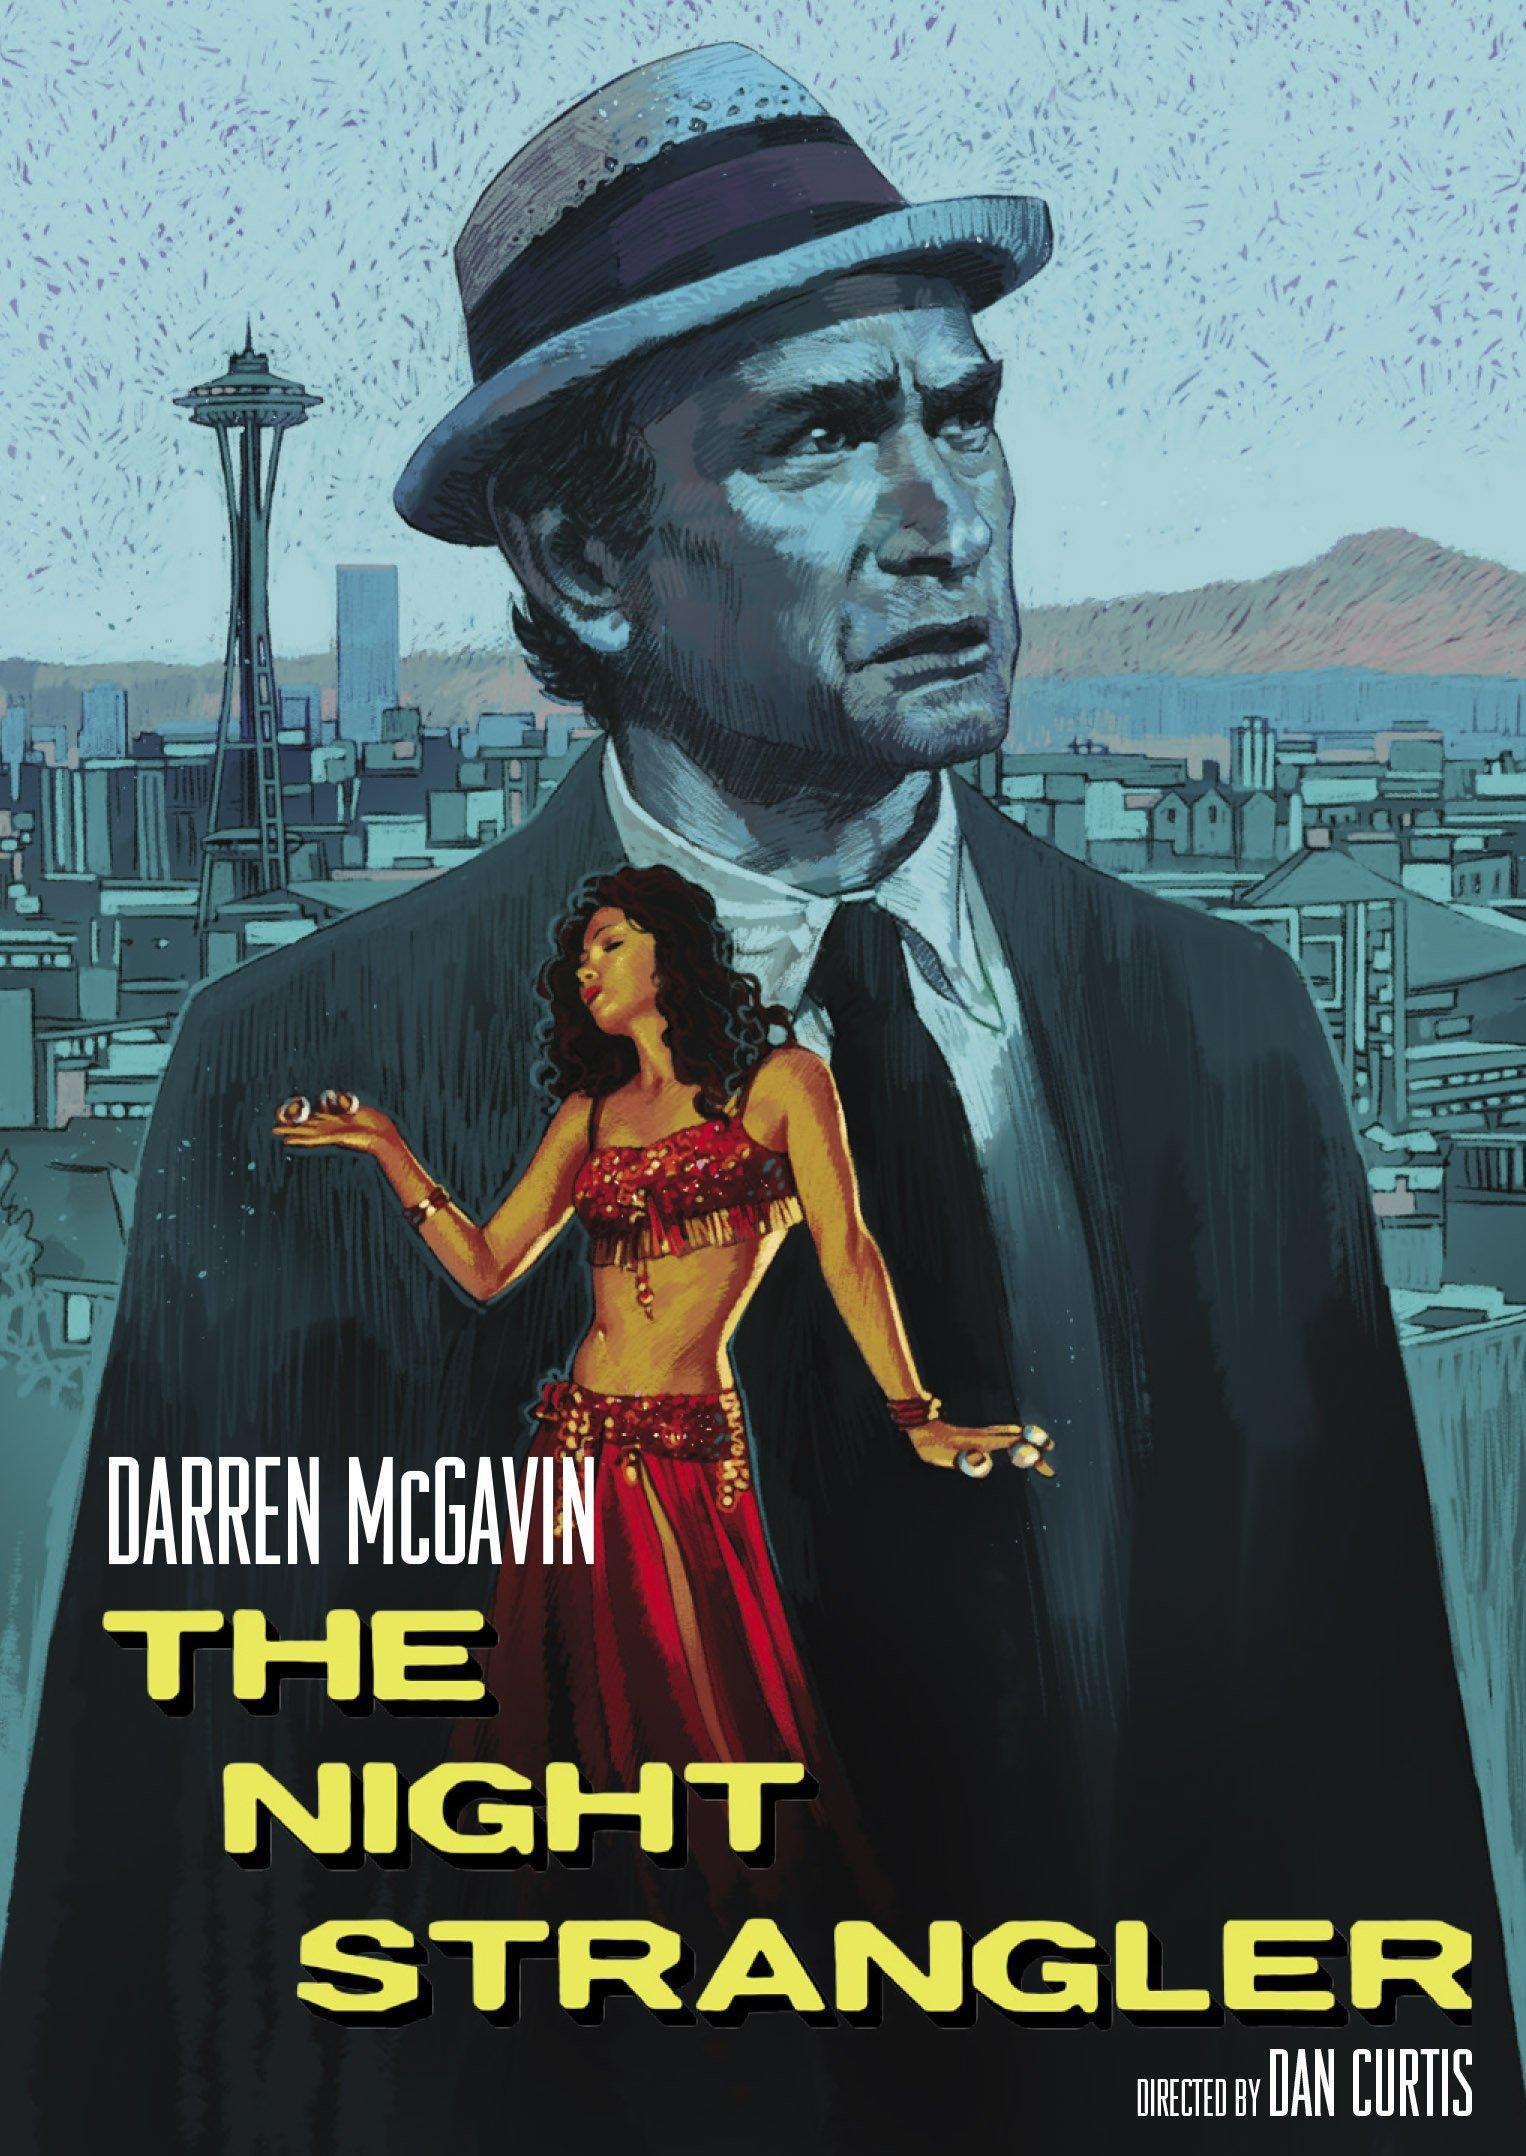 DVD : Darren McGavin - The Night Strangler (Special Edition)